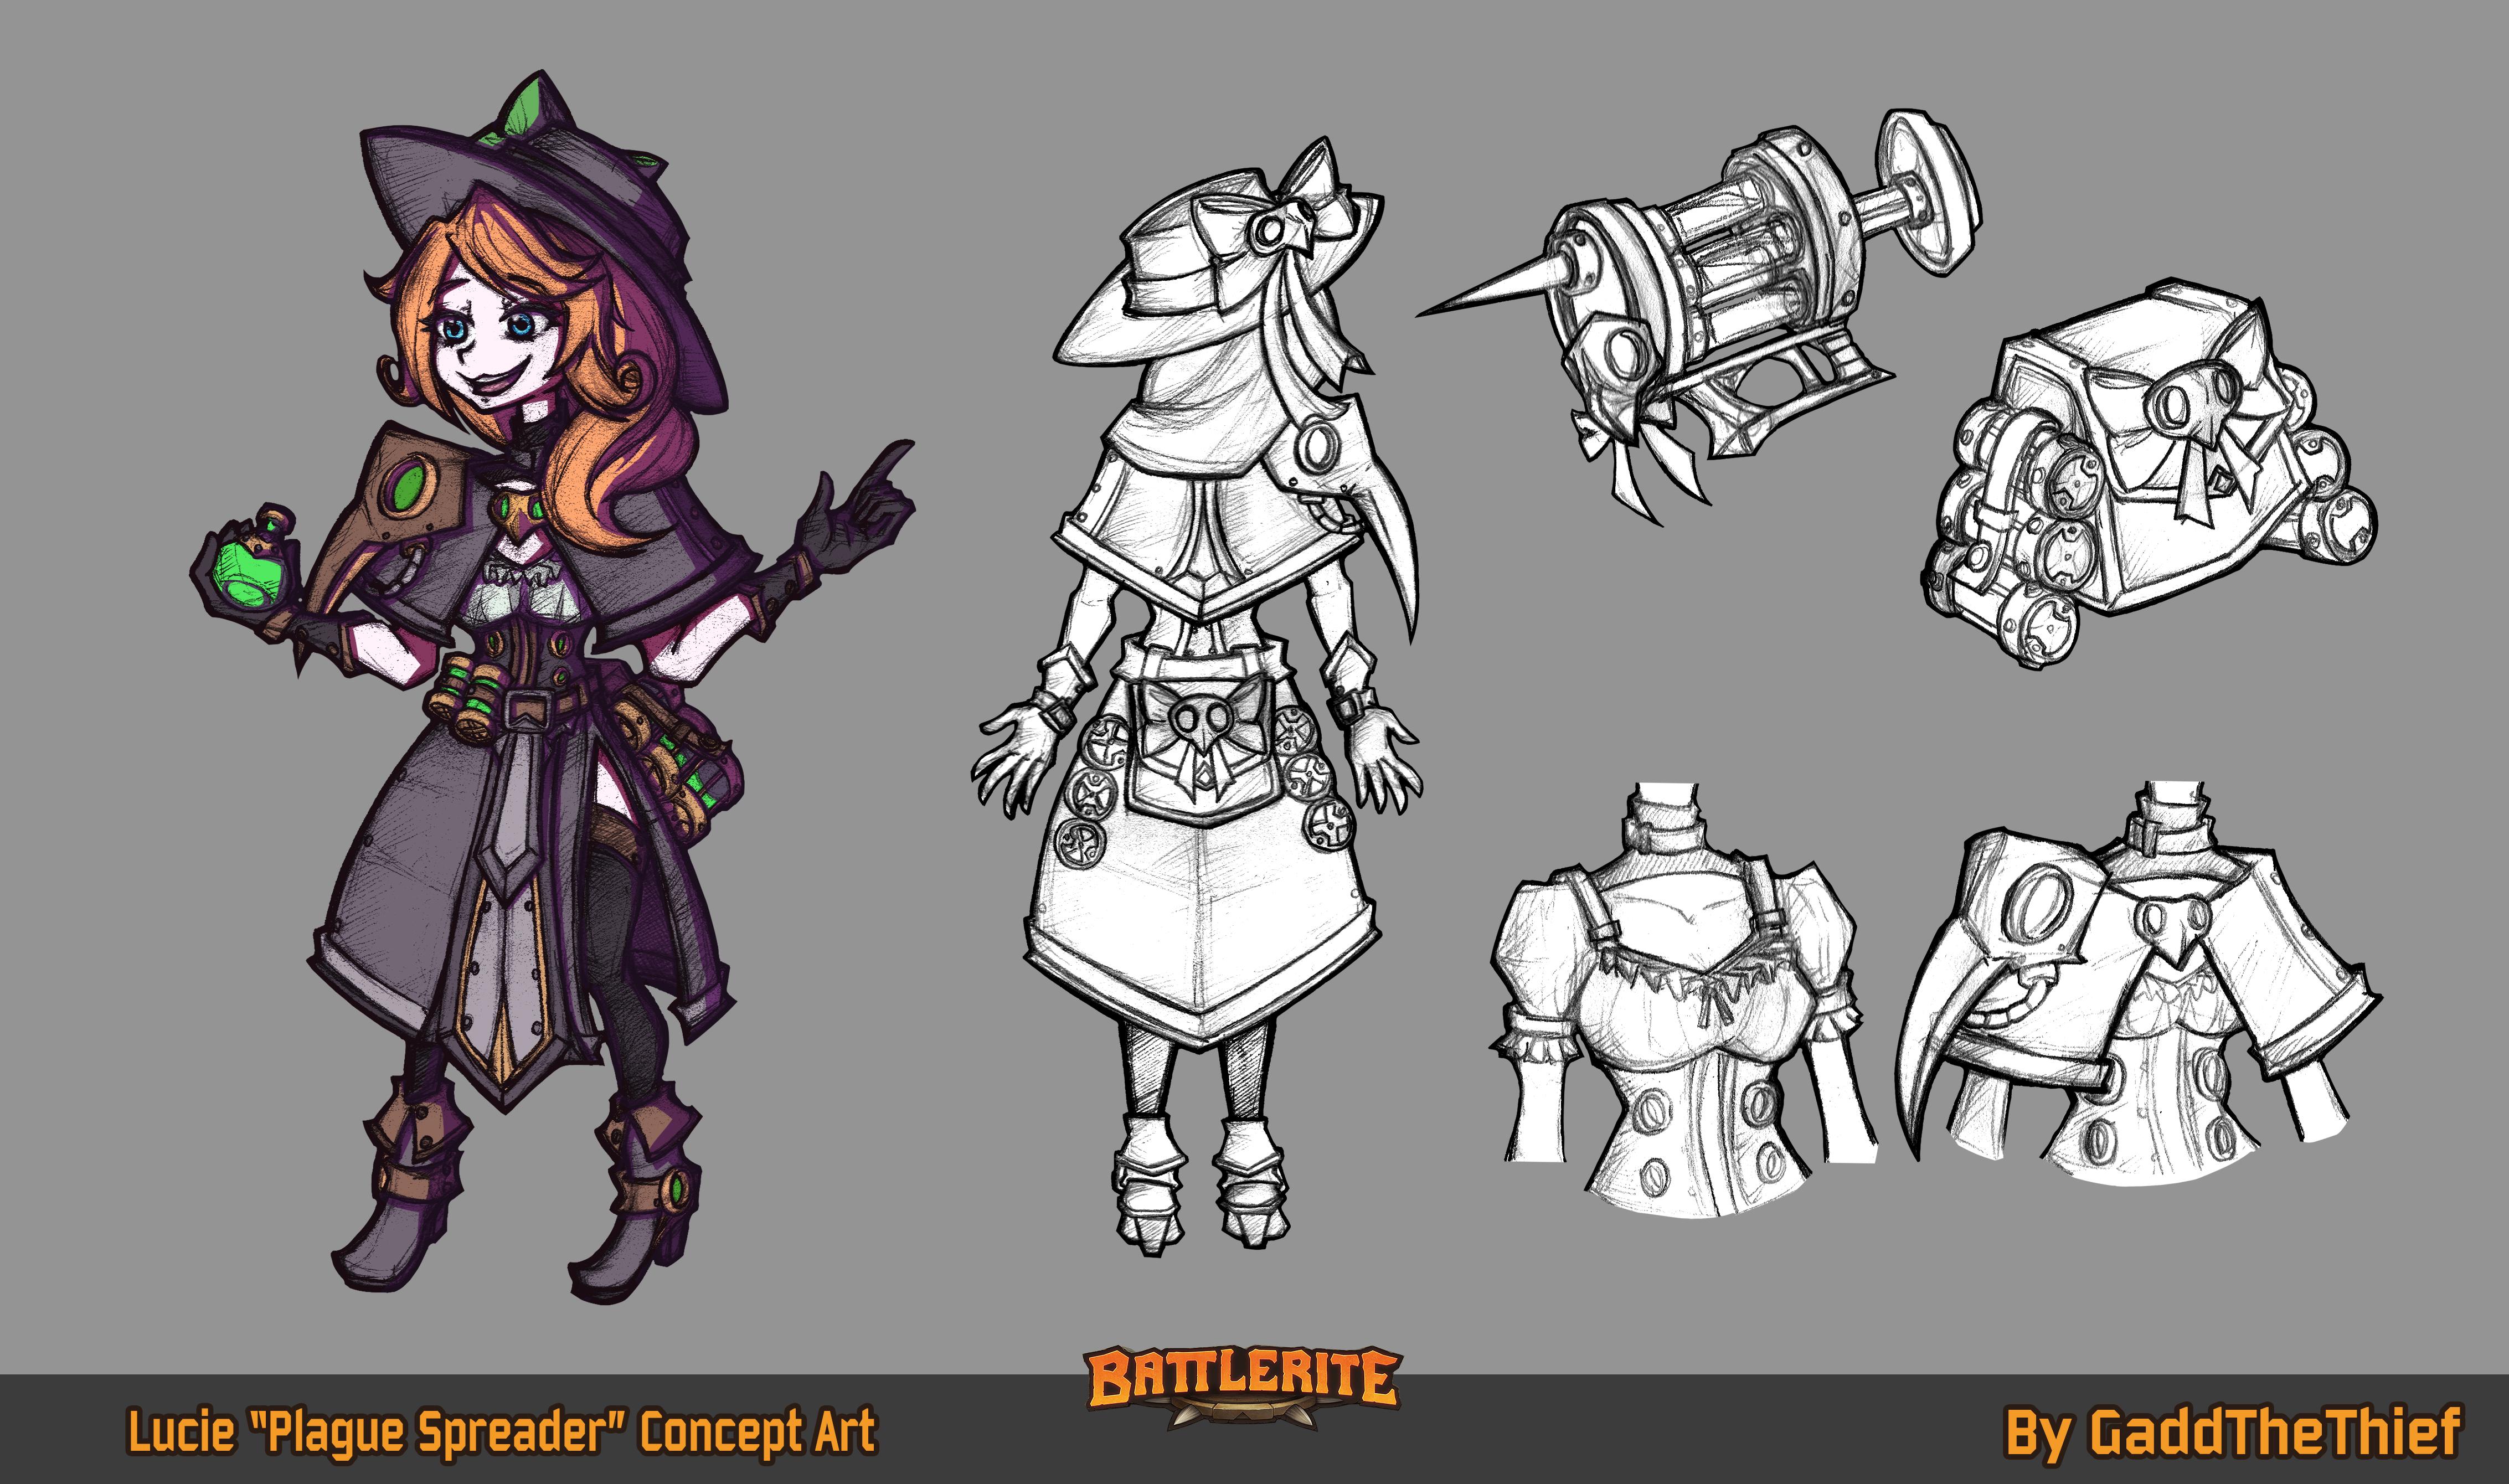 Battlerite Concept Art Contest